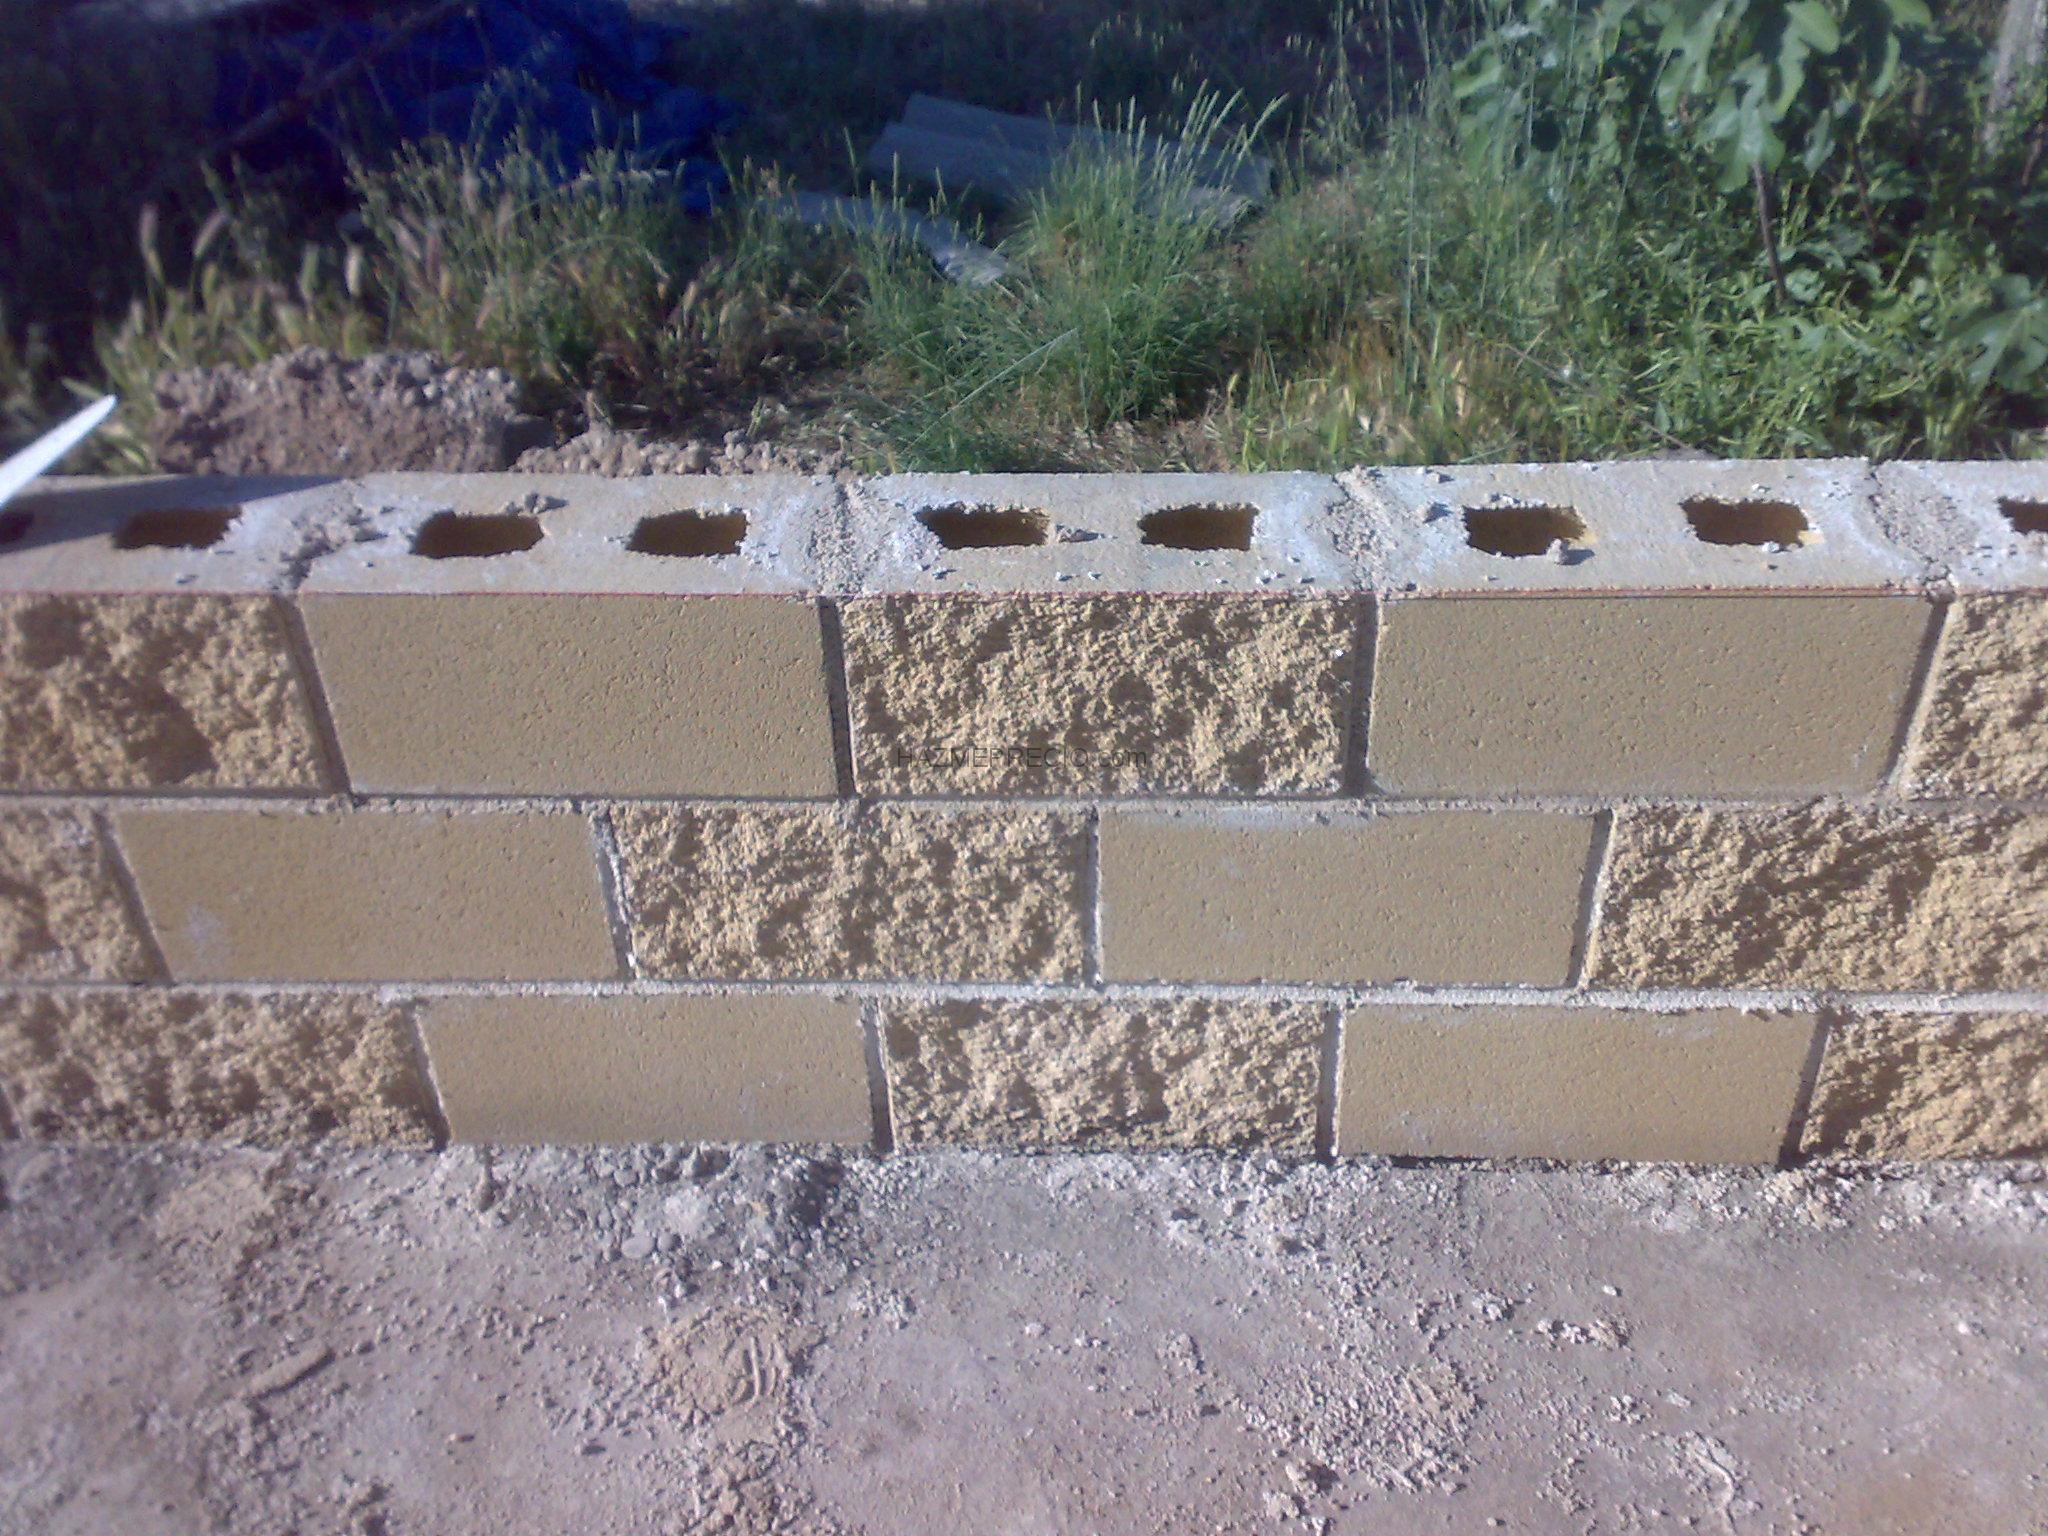 Pavimentos de hormigon impreso y pulido reformas muros 45007 toledo toledo - Muros de hormigon ...